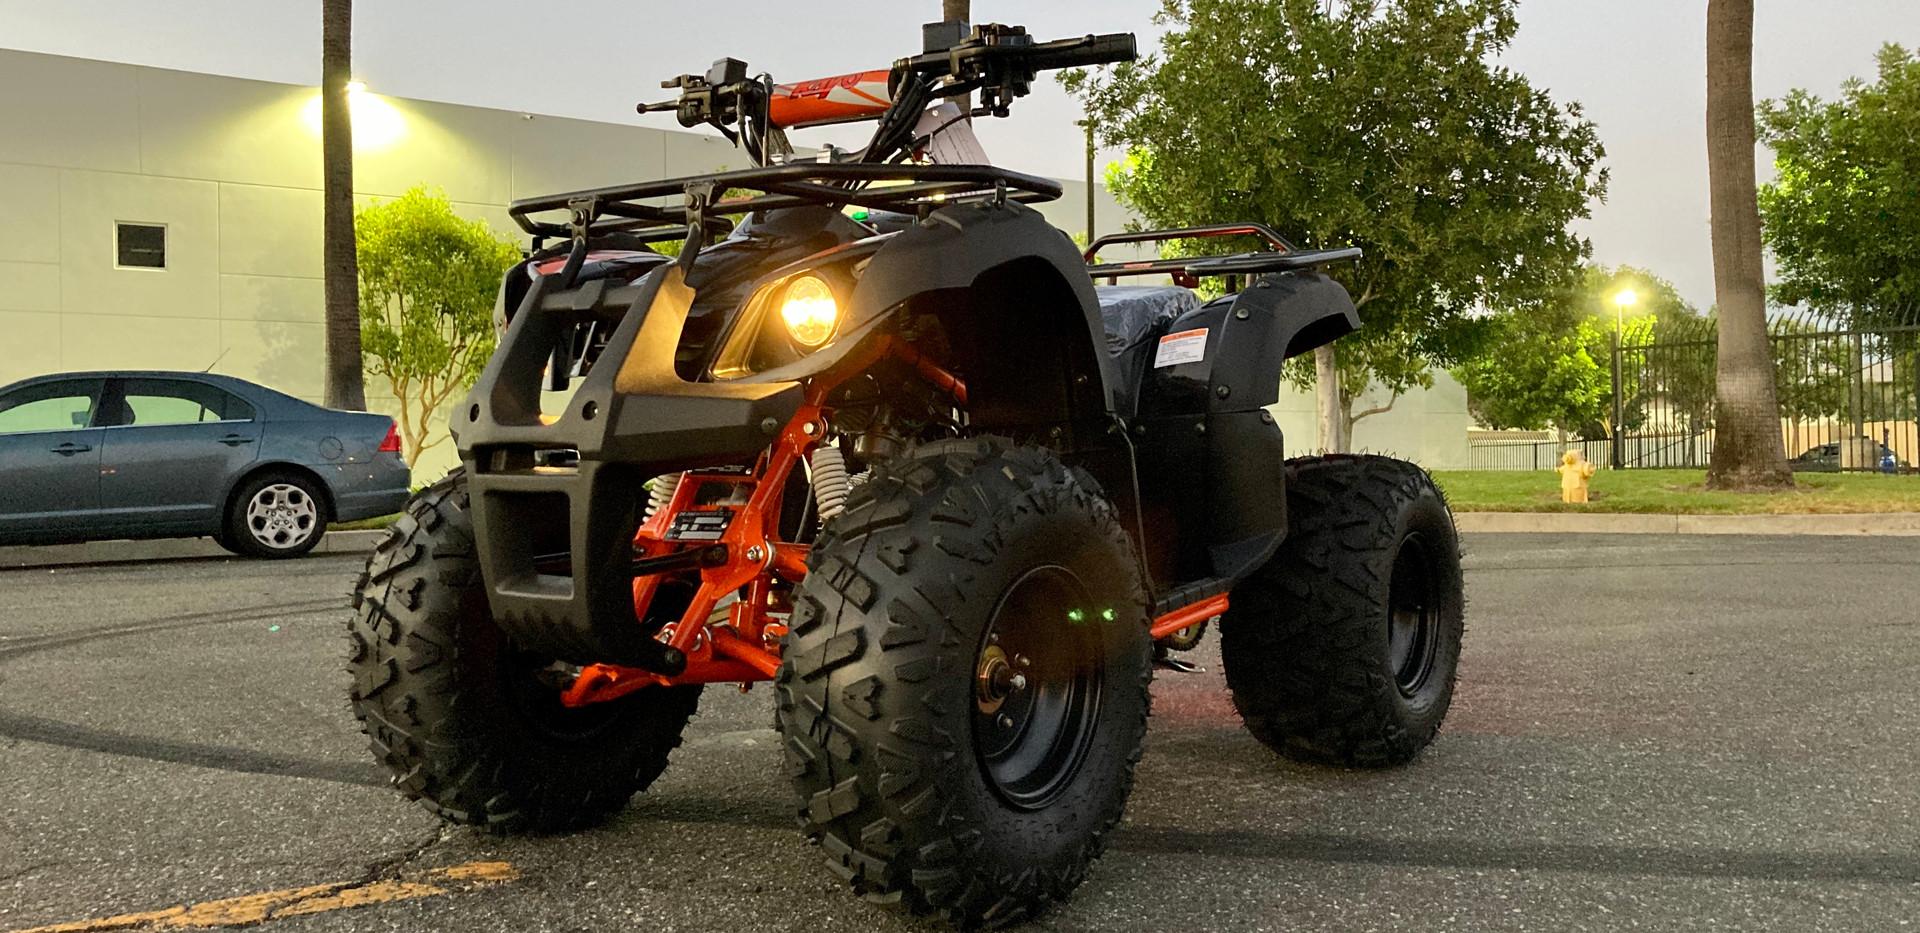 2020 Kayo Bull 125 (Black) (16).JPG